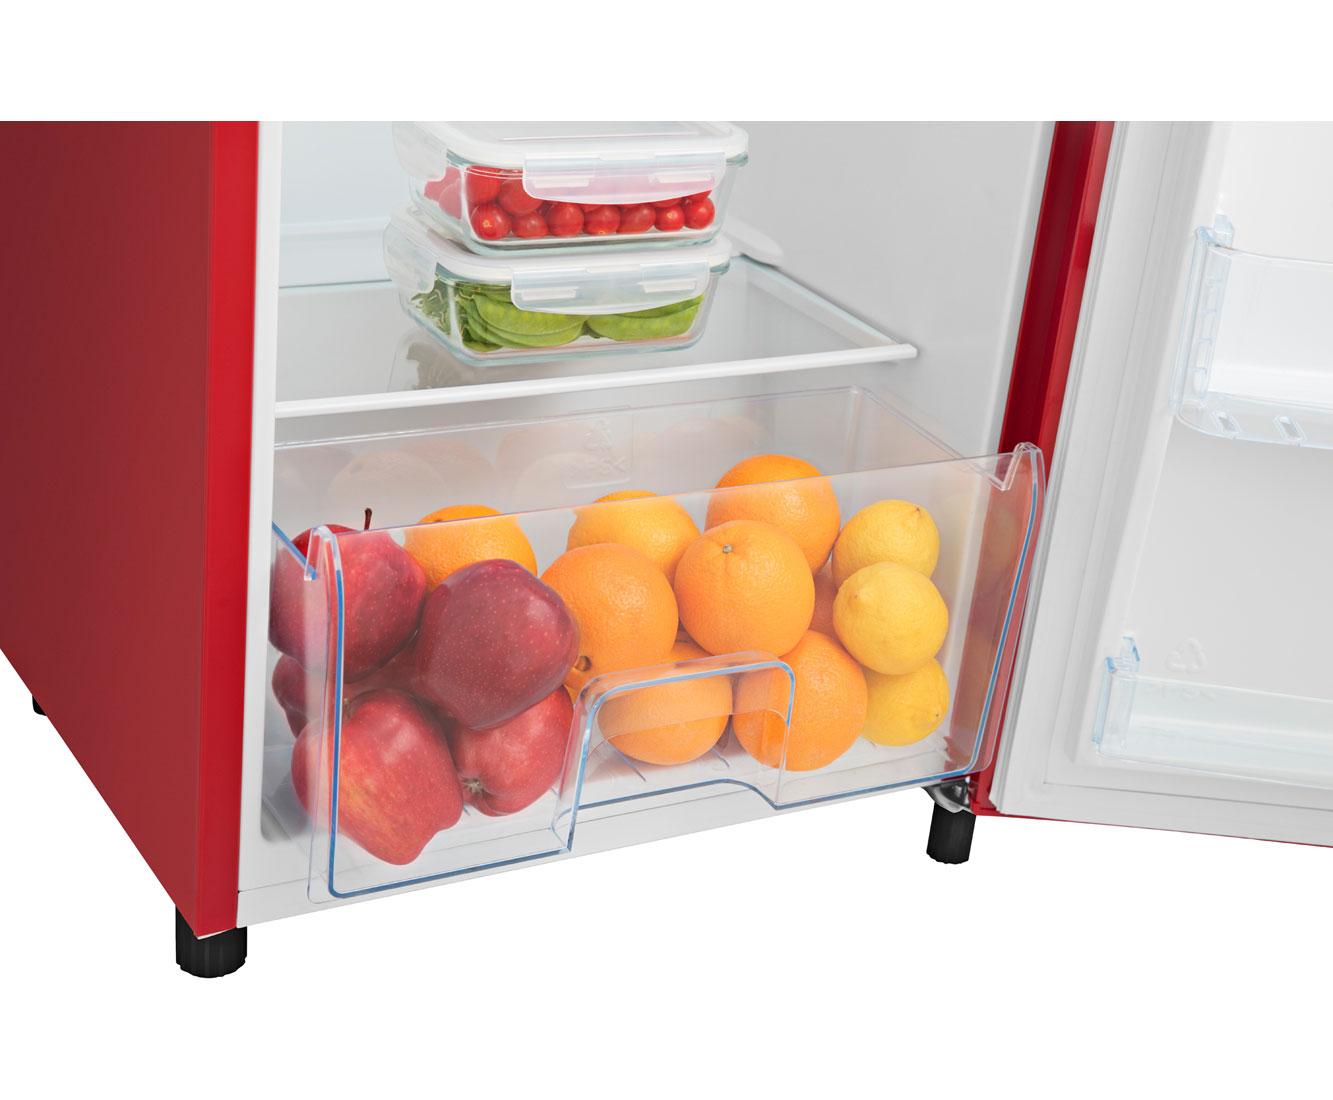 Retro Kühlschrank Unter 40 Db : Hisense rr d ar kühlschrank mit gefrierfach rot retro design